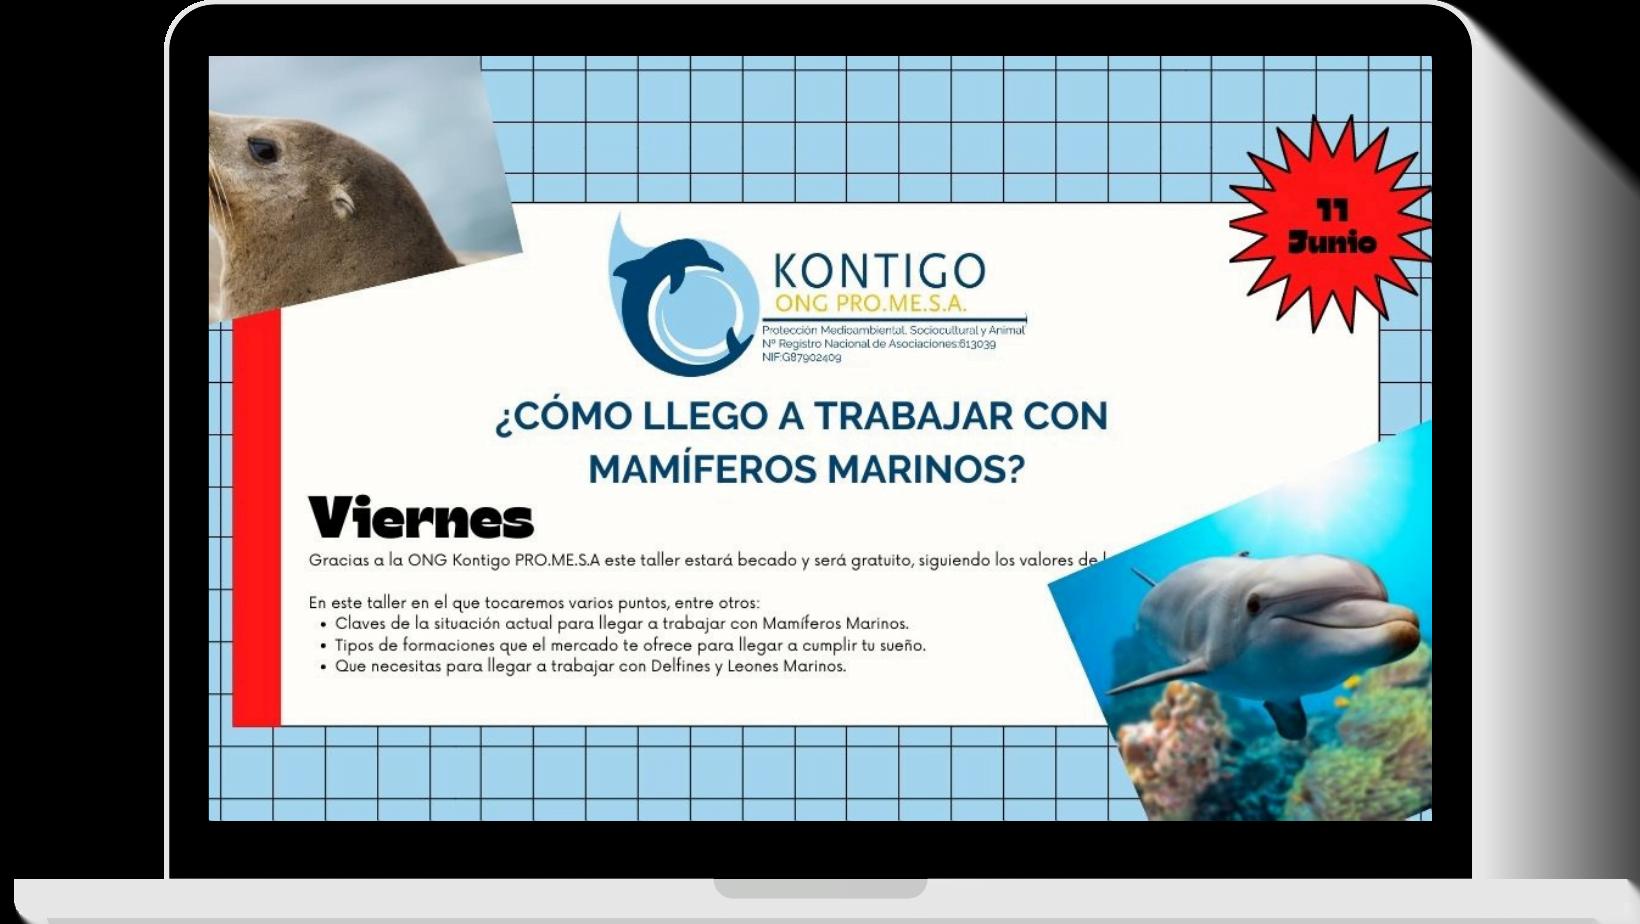 Taller gratuito: Cómo trabajar con delfines y otros mamíferos marinos